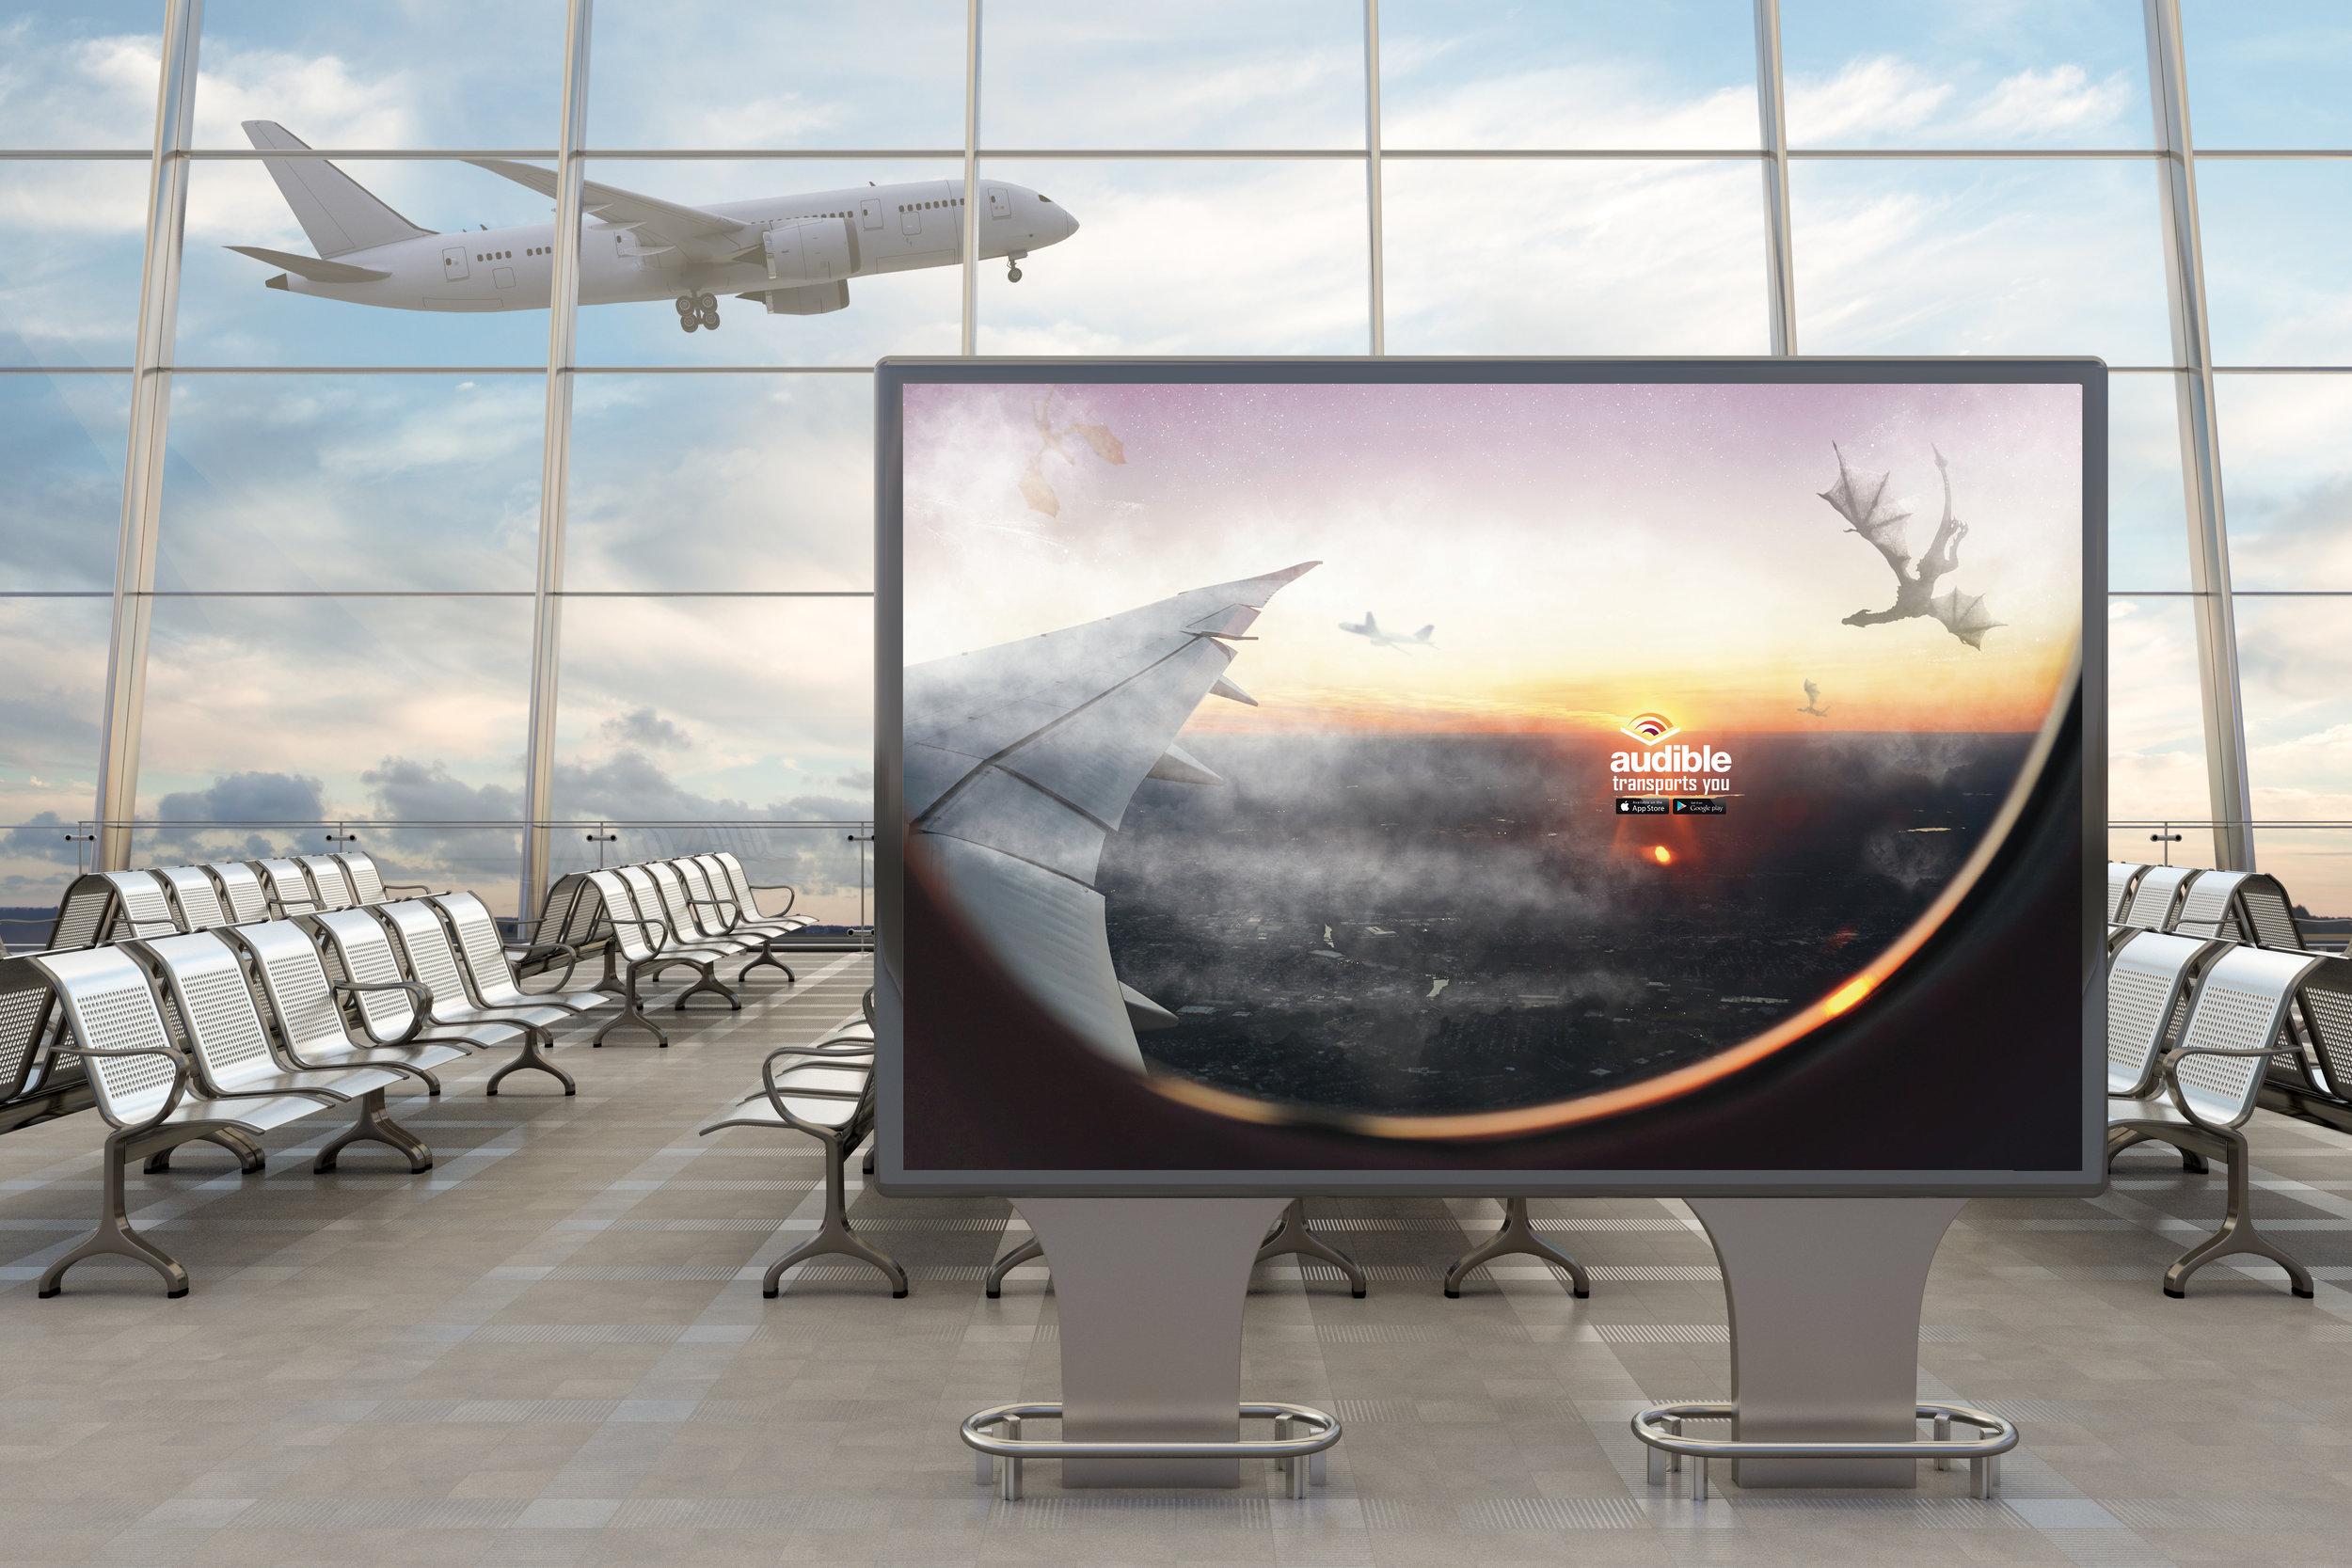 audible_airport_mockup.jpg